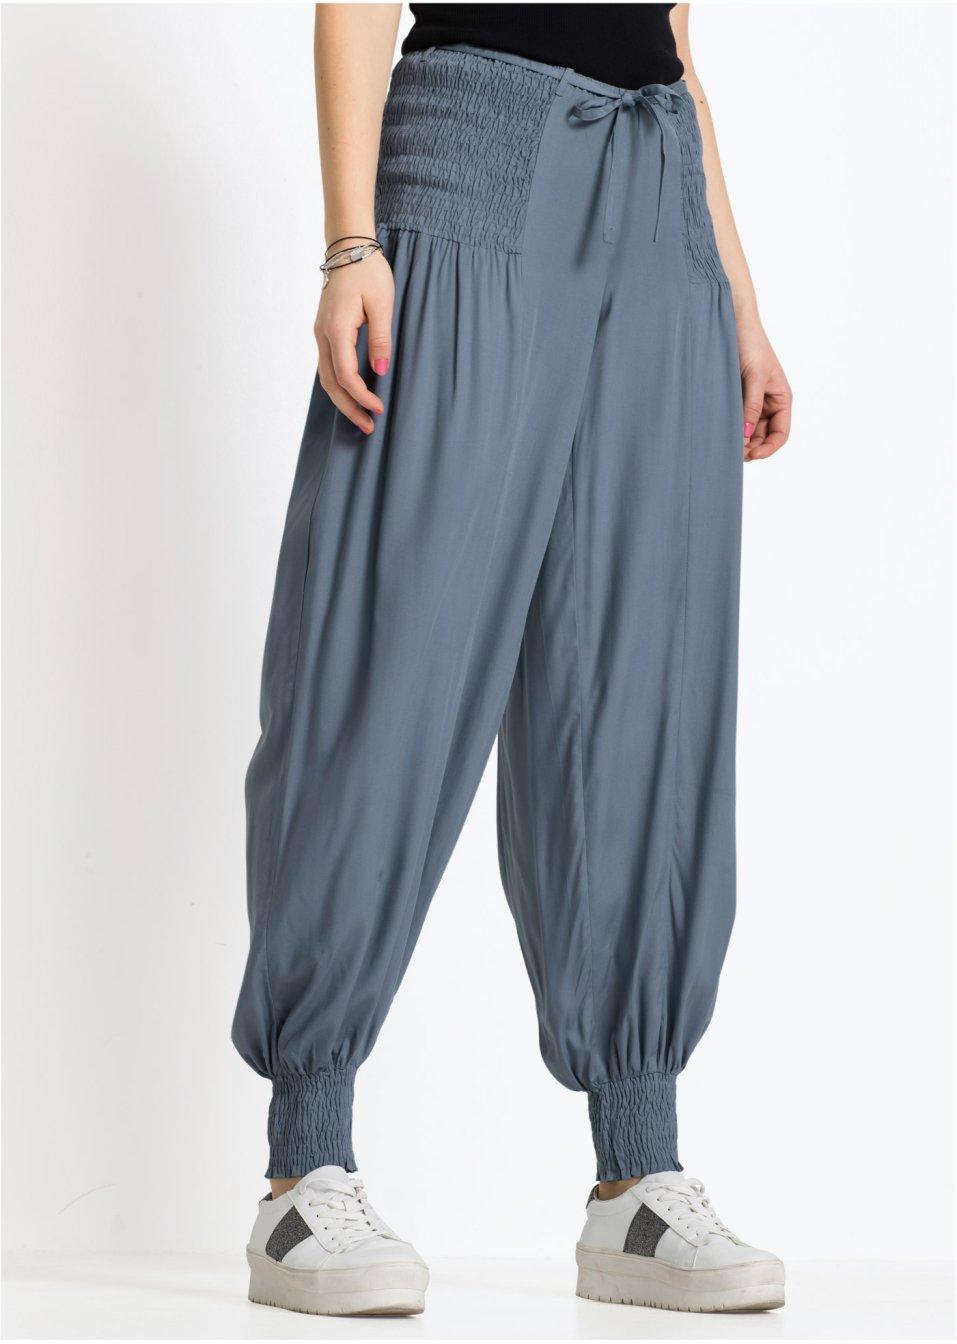 Bonprix Jeans Alla Turca (nero) Rainbow Donna : Vendite